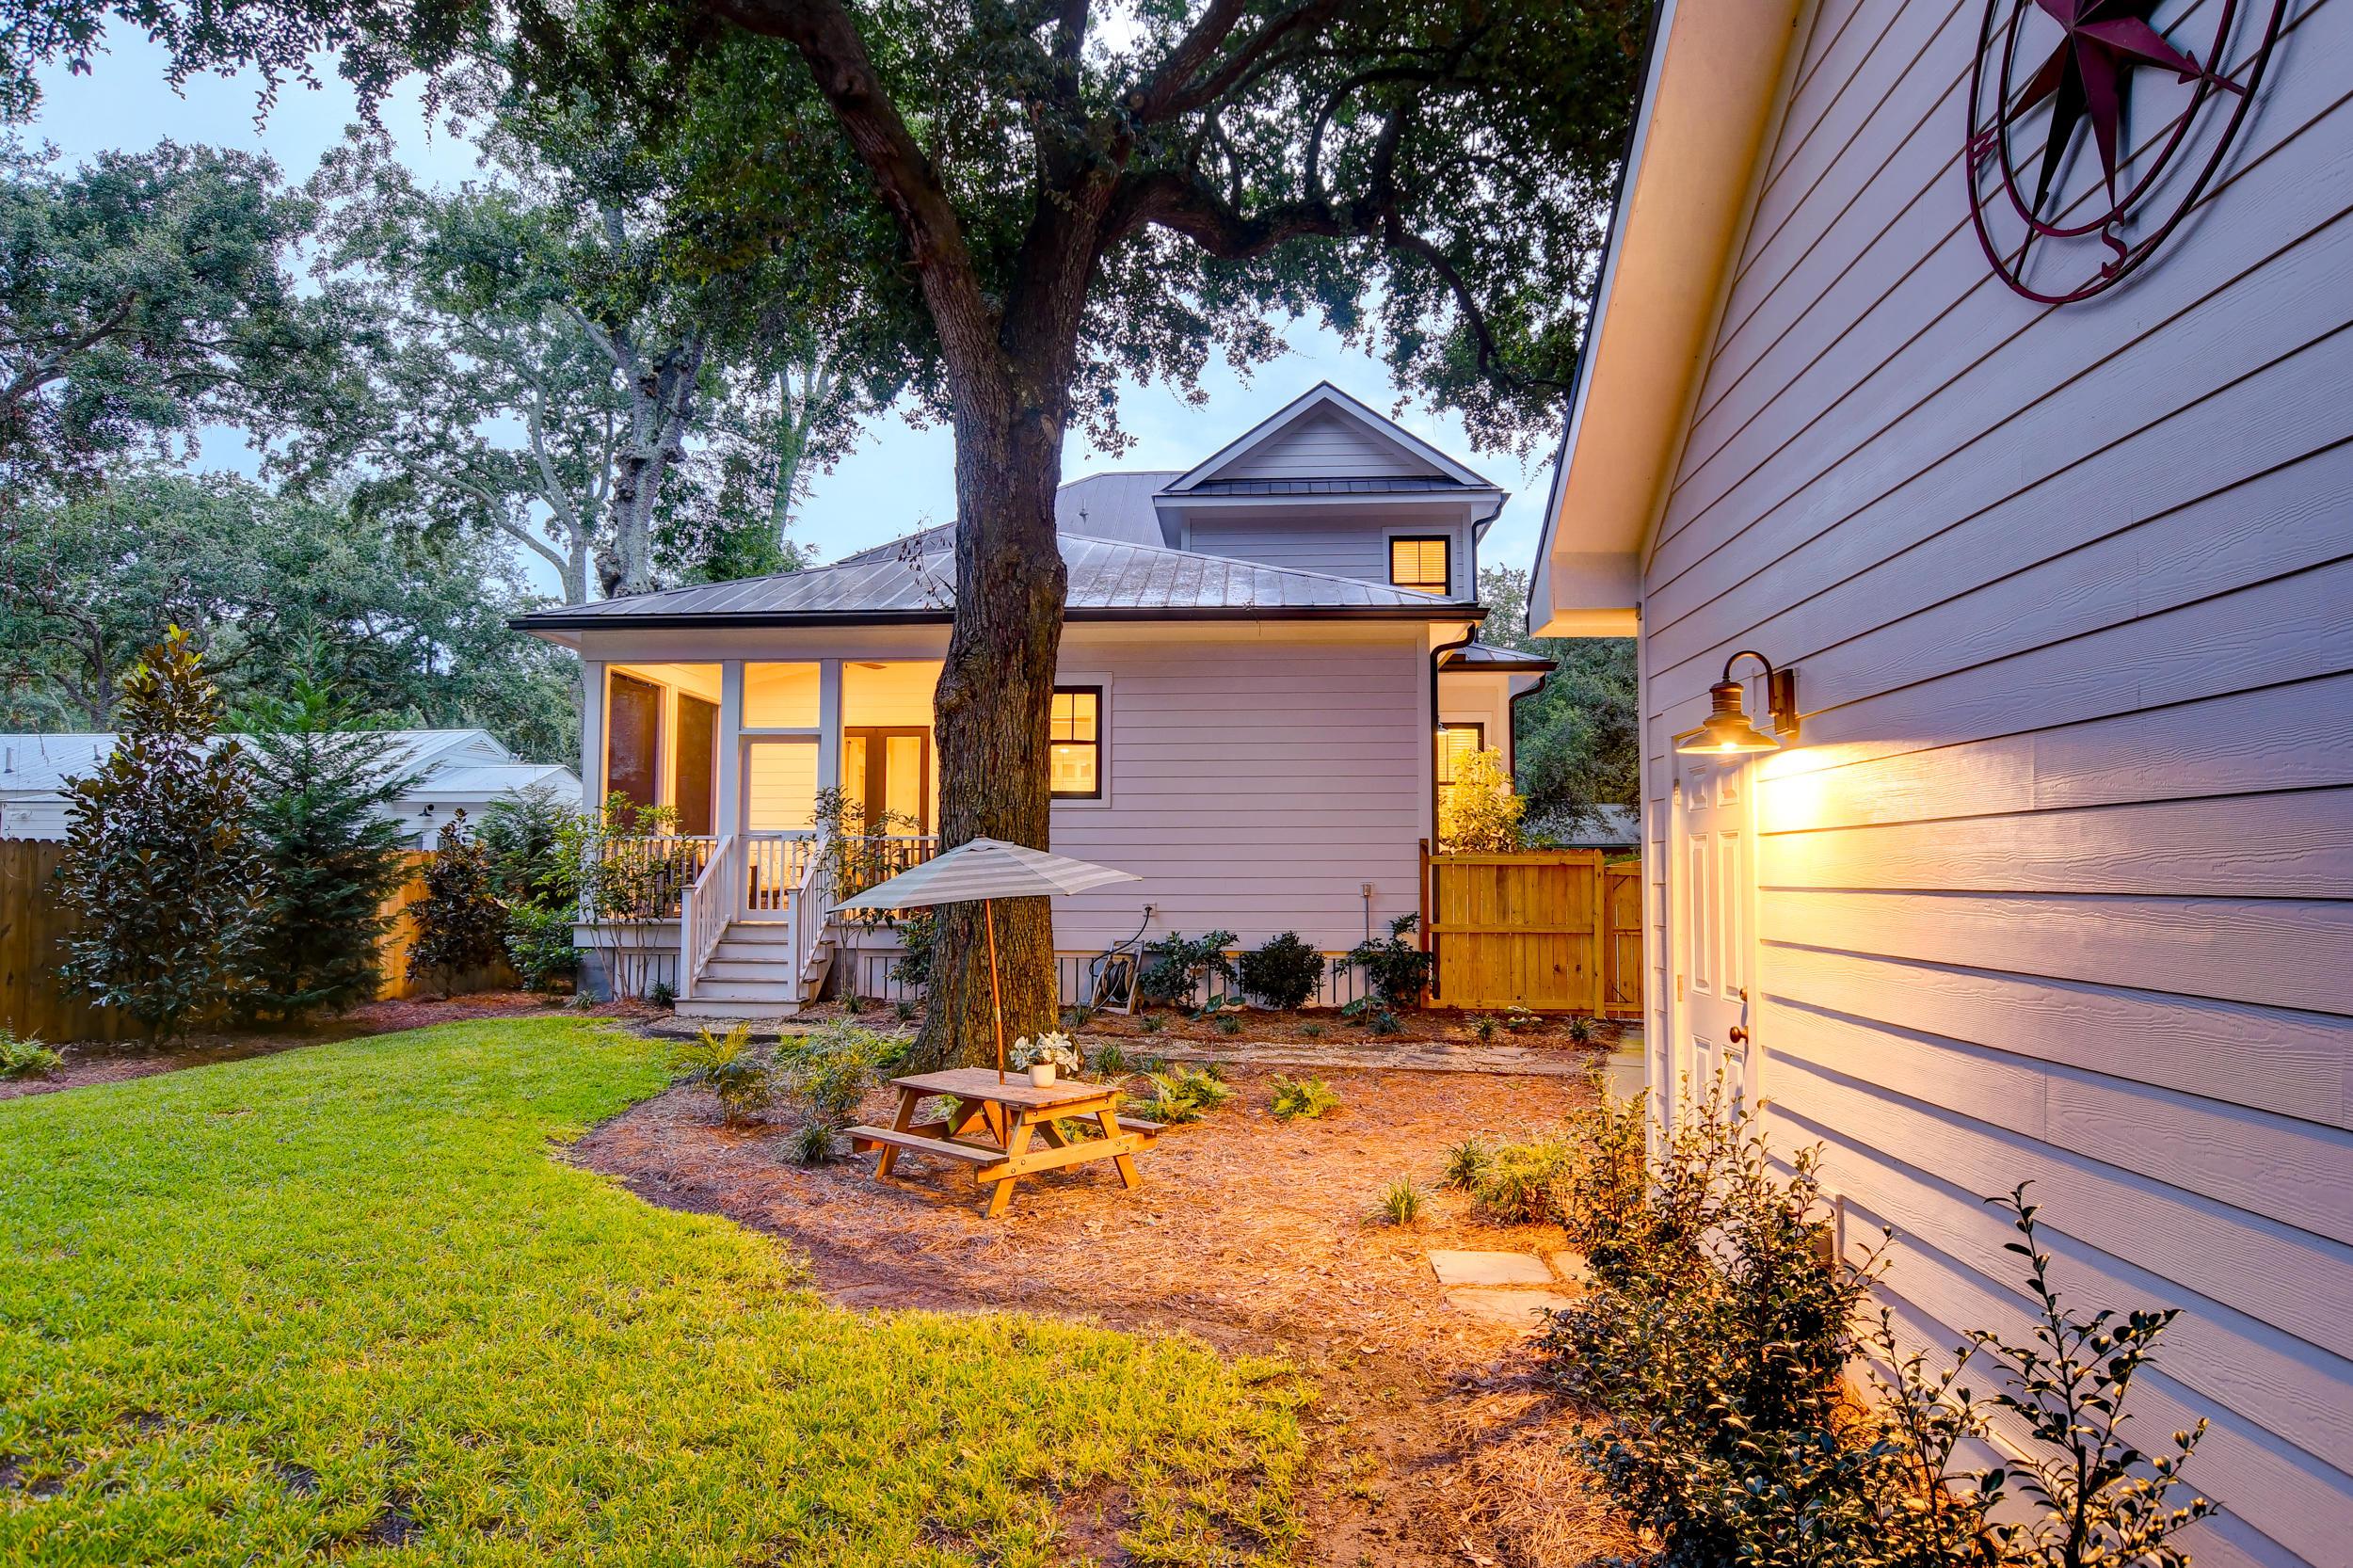 Old Mt Pleasant Homes For Sale - 753 Mccants, Mount Pleasant, SC - 48